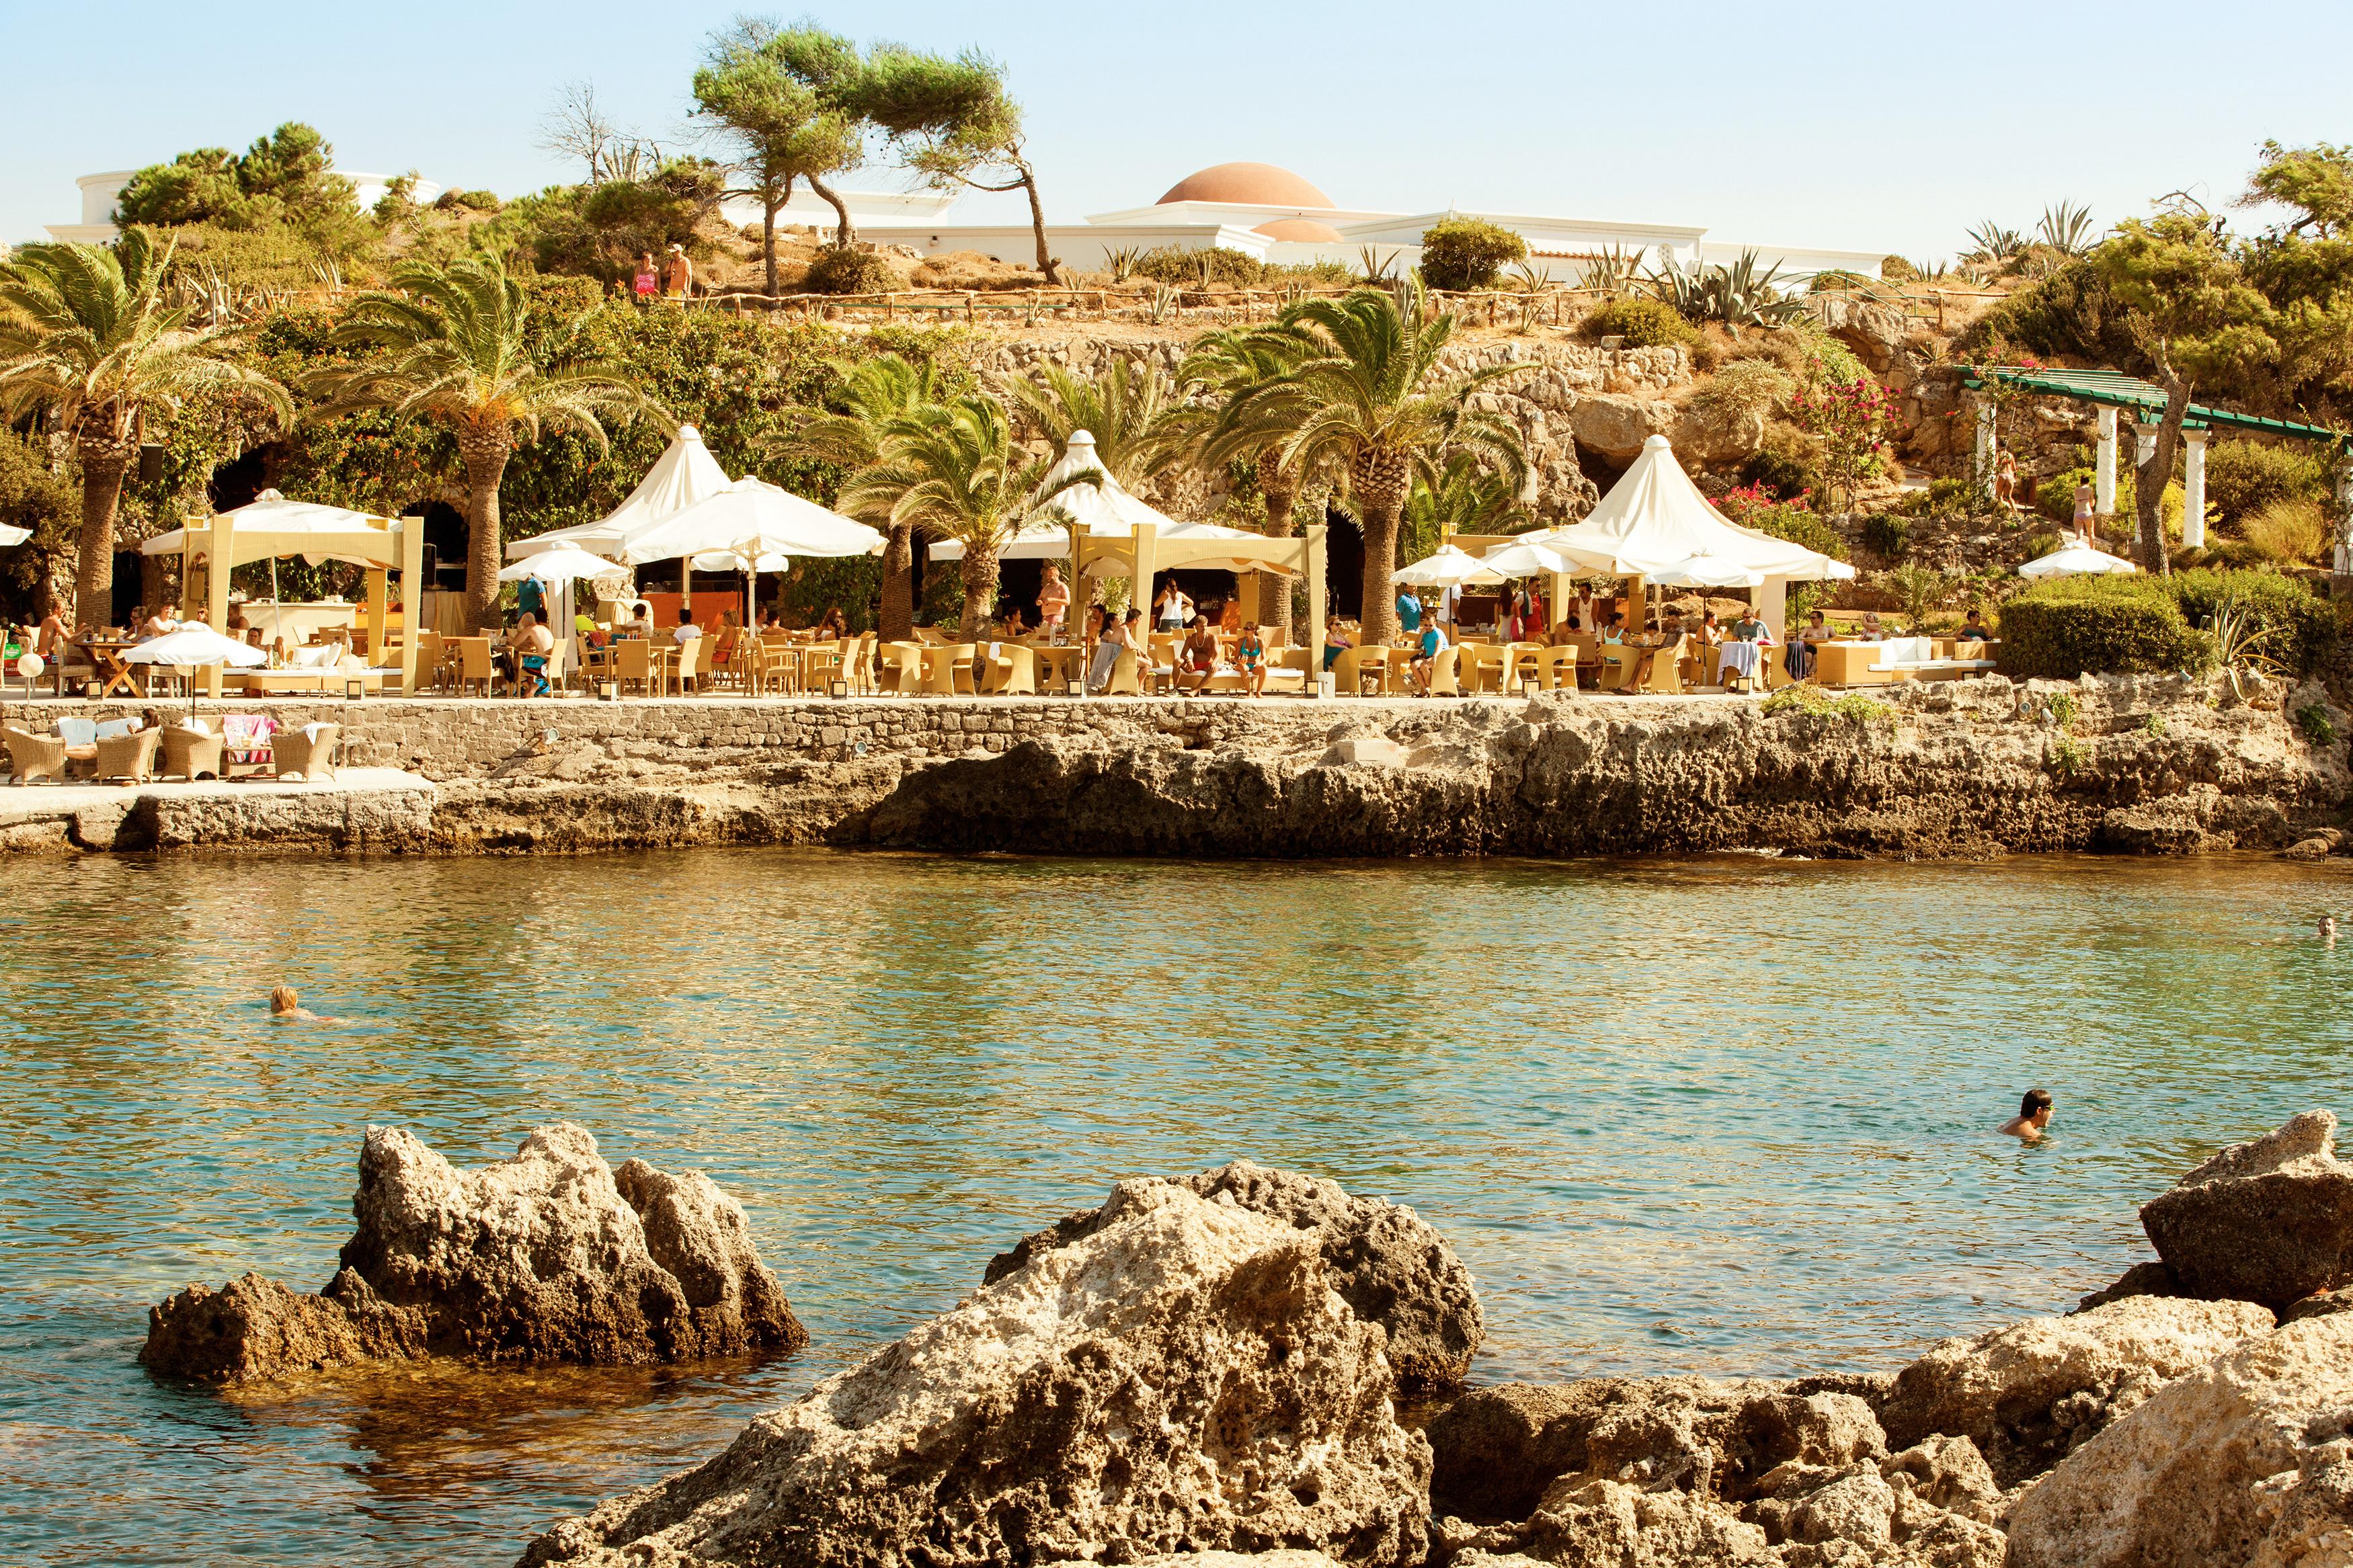 billige rejser til rhodos i august